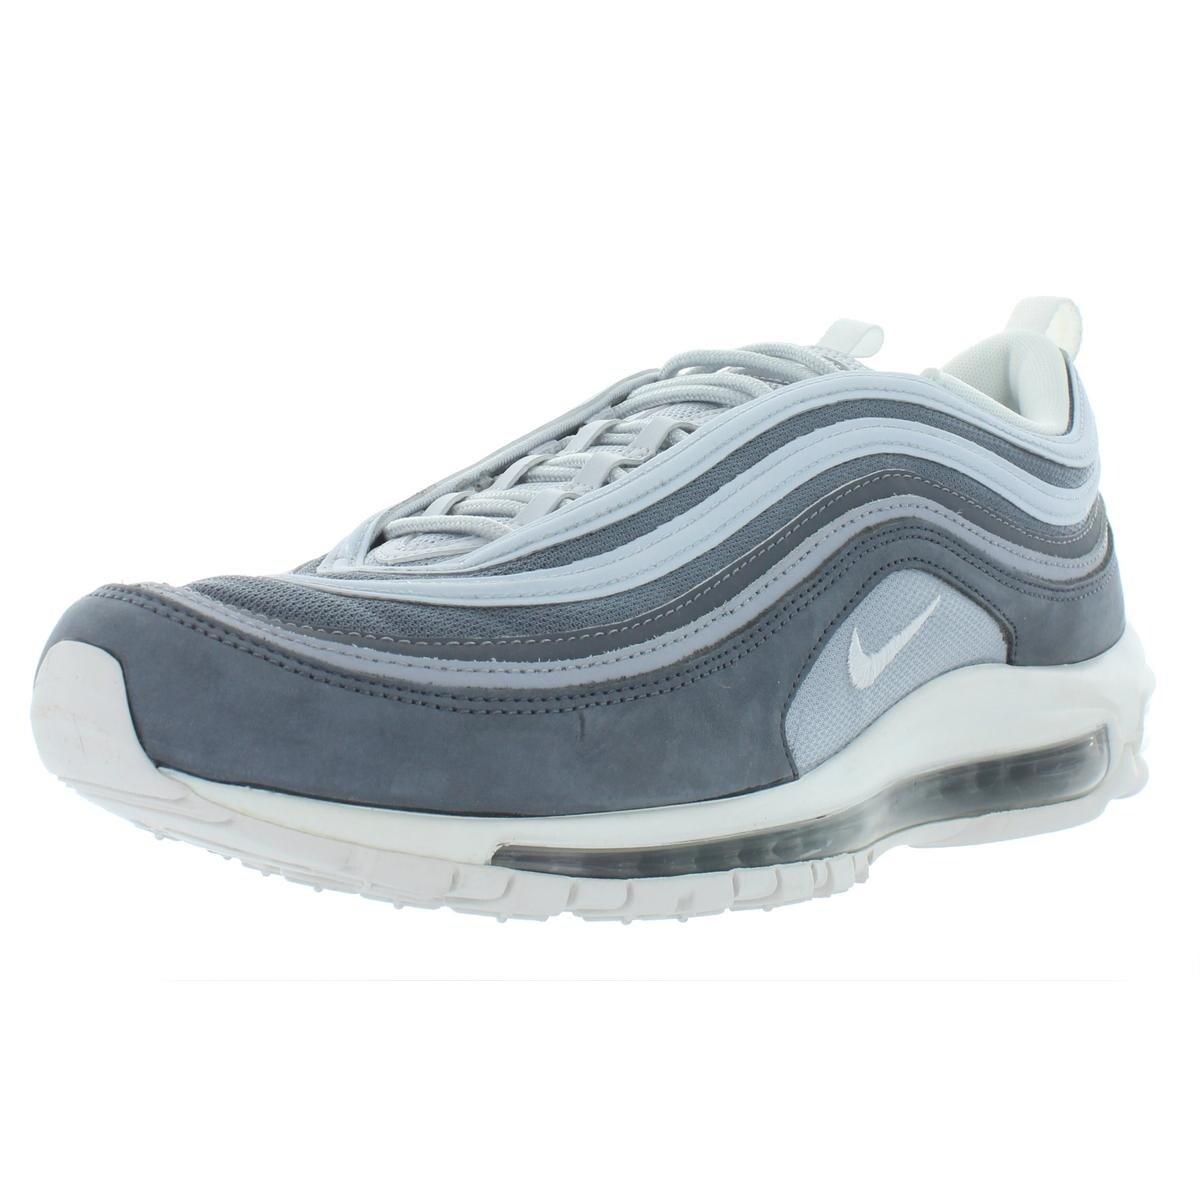 Nike Mens Air Max 97 Premium Athletic Shoes Running Low Top